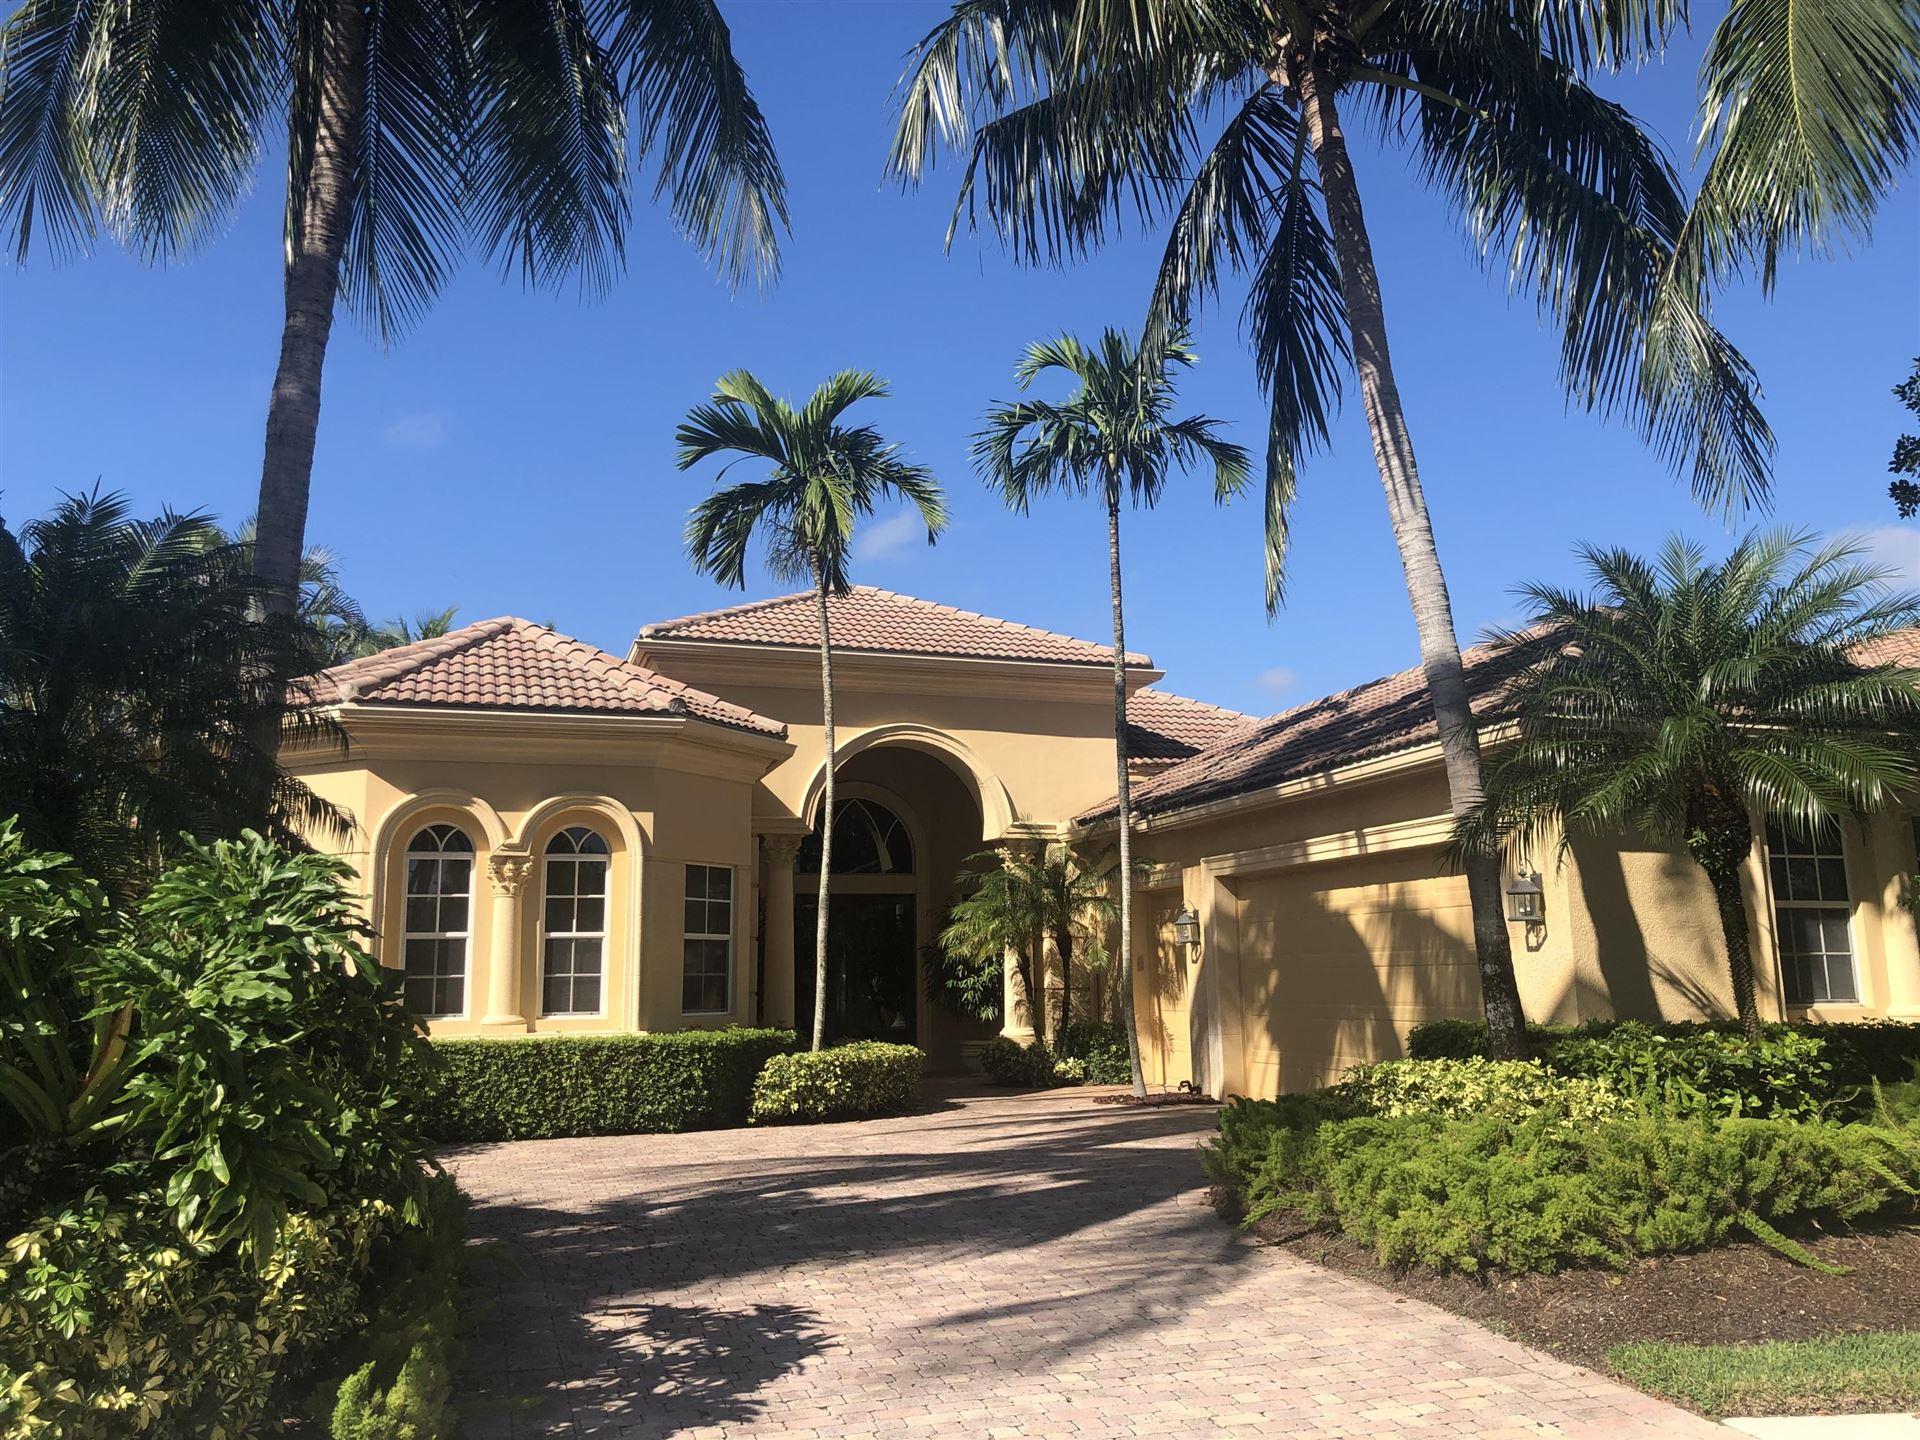 Photo of 101 Coconut Key Court, Palm Beach Gardens, FL 33418 (MLS # RX-10671294)